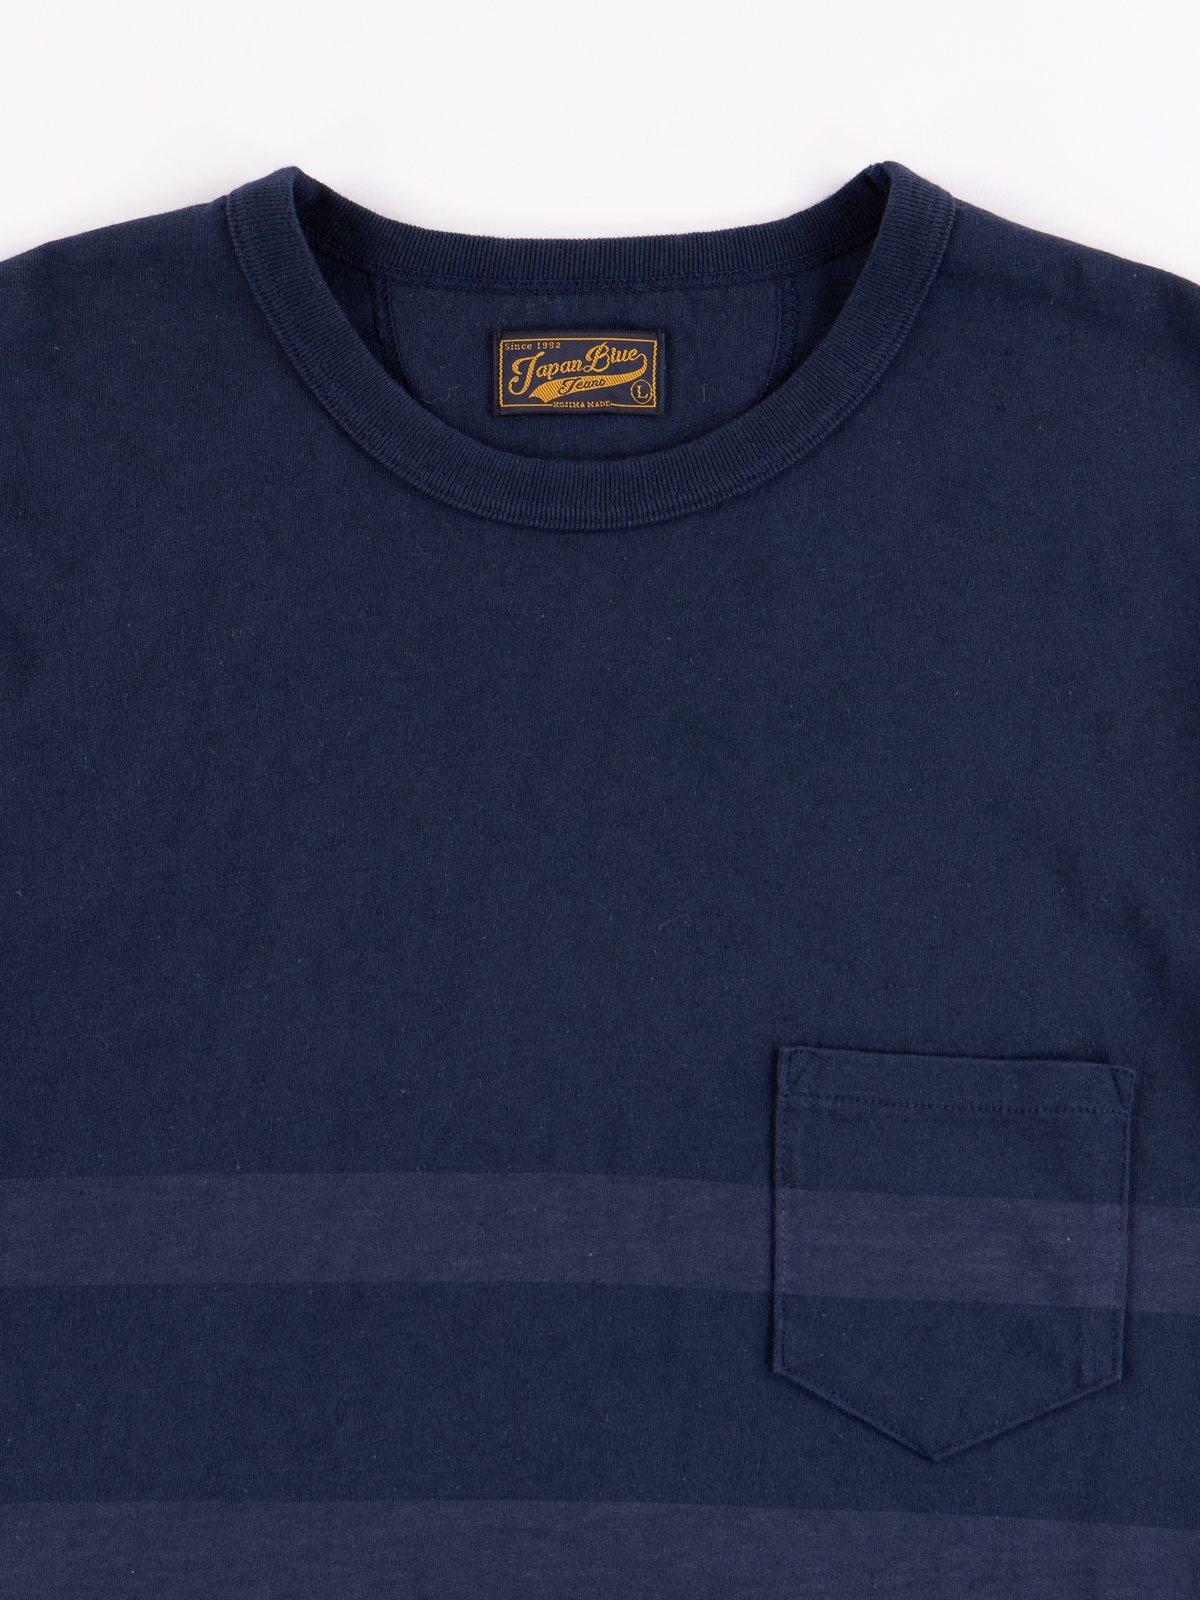 Navy Stripe Cote D'Ivoire Cotton T–Shirt - Image 2